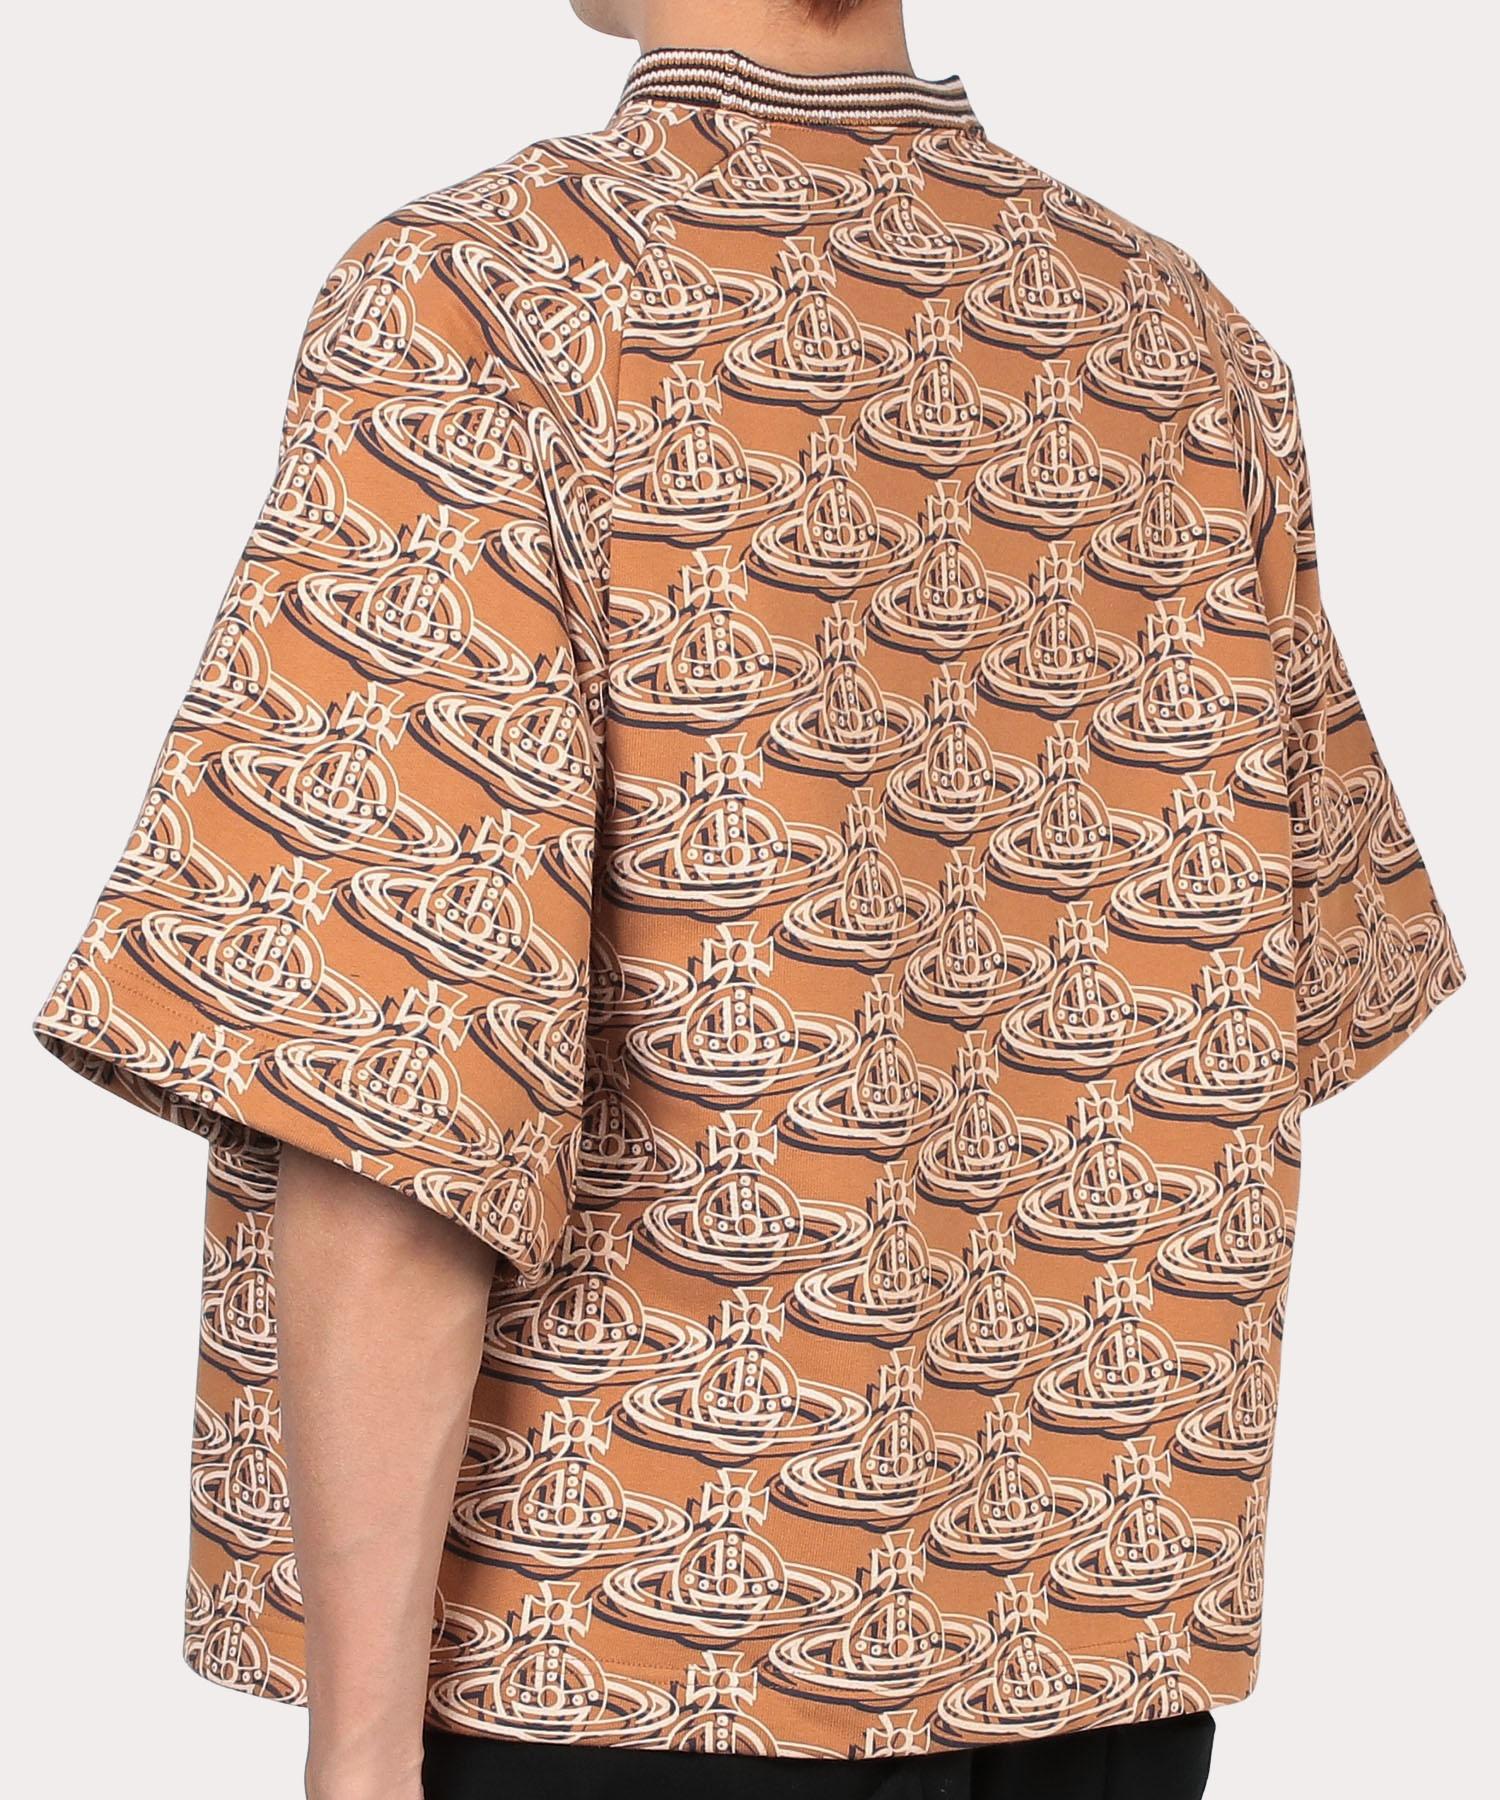 ORBリピート フリーダムスリーブ半袖Tシャツ